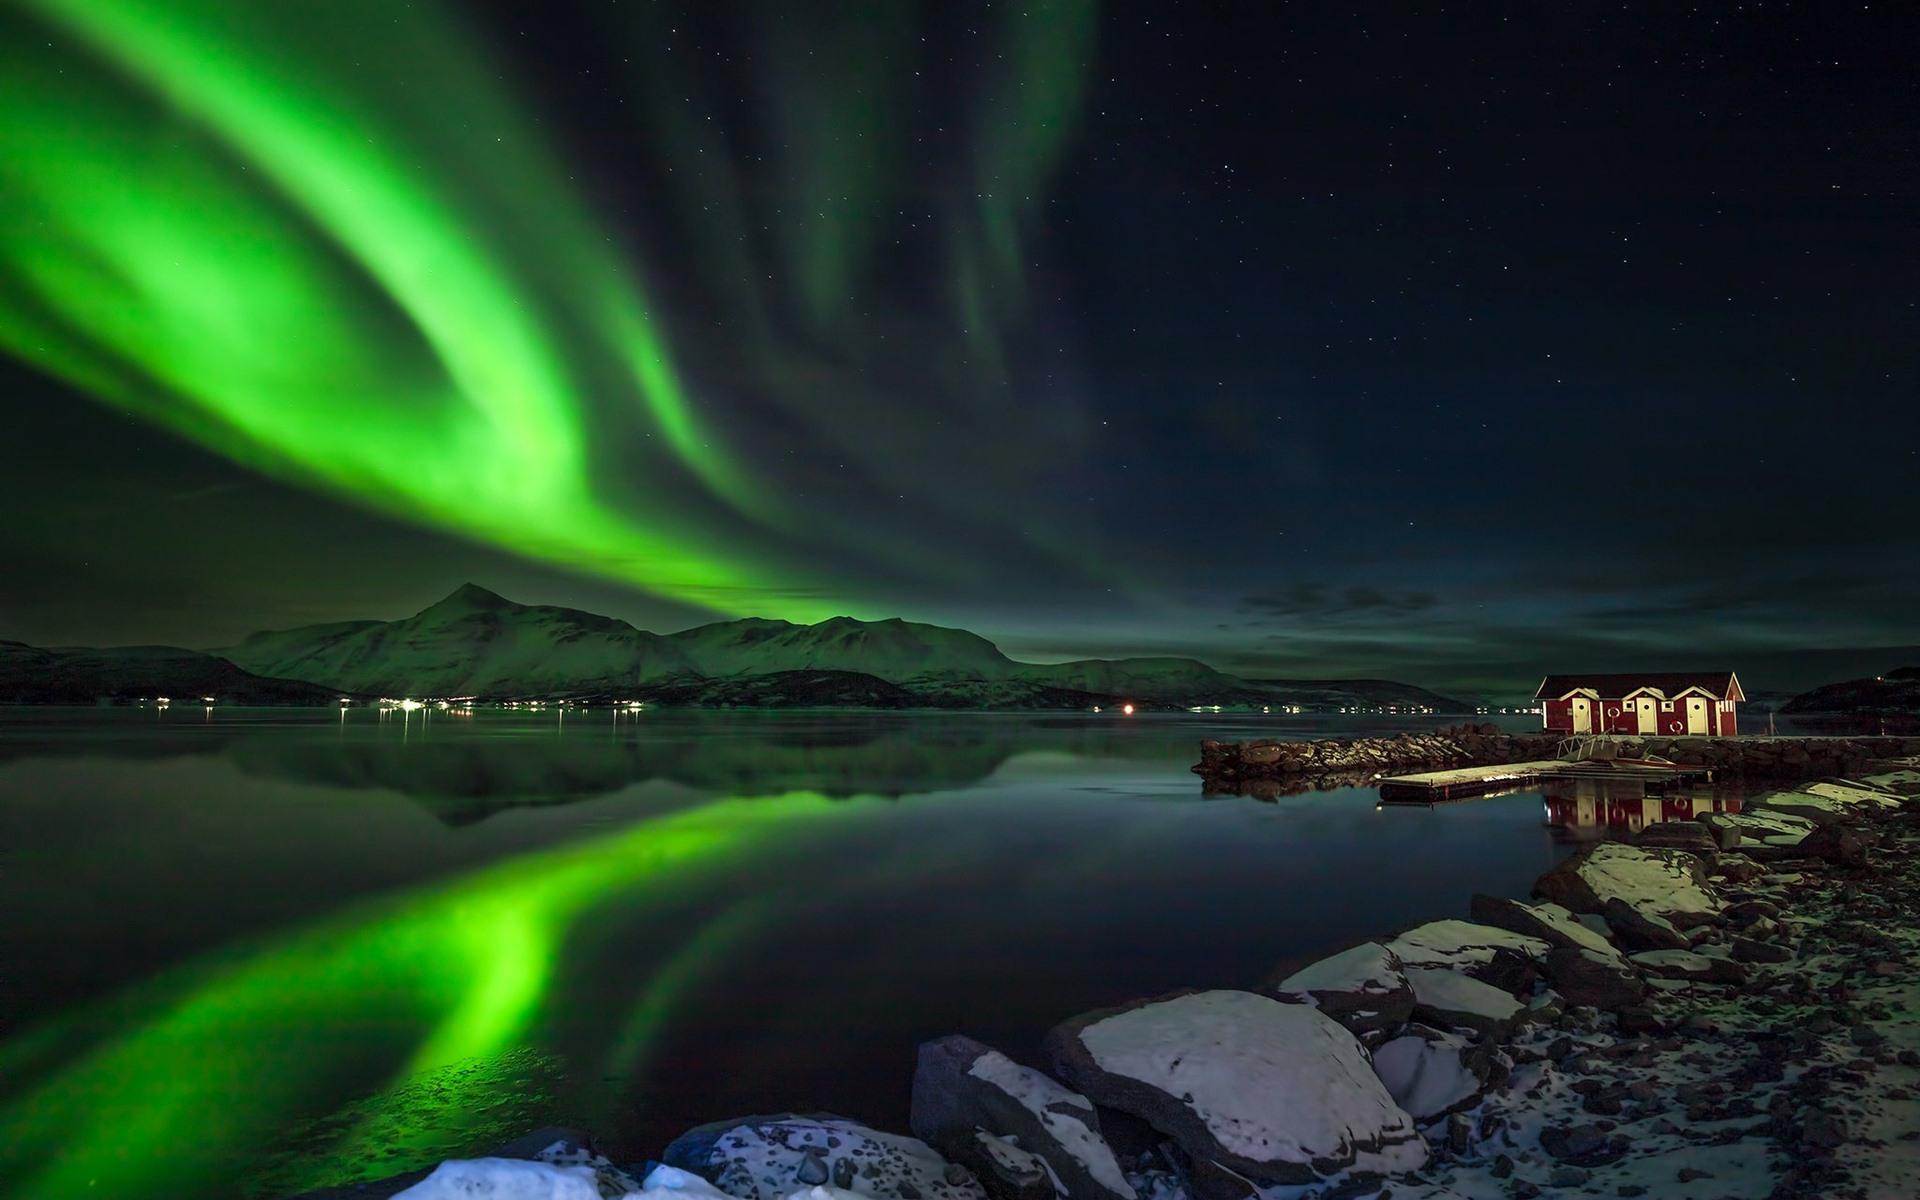 壁紙 オーロラ 美しい夜の風景 ノルウェー 湖 山 星 小屋 19x10 Hd 無料のデスクトップの背景 画像